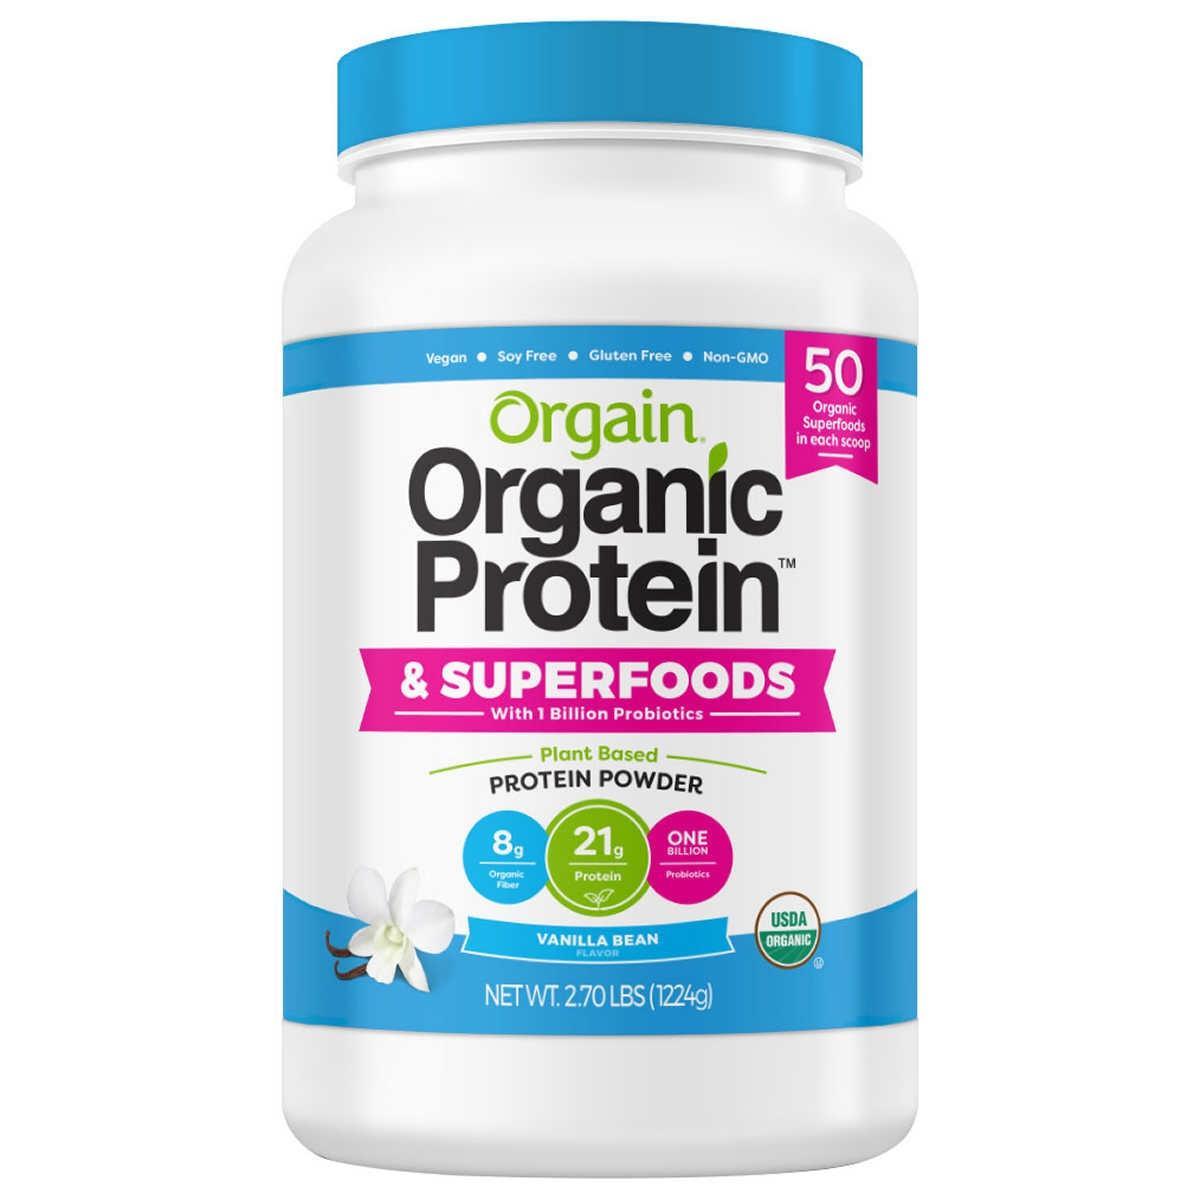 Bột đạm protein thực vật hữu cơ siêu thực phẩm Orgain 1224g